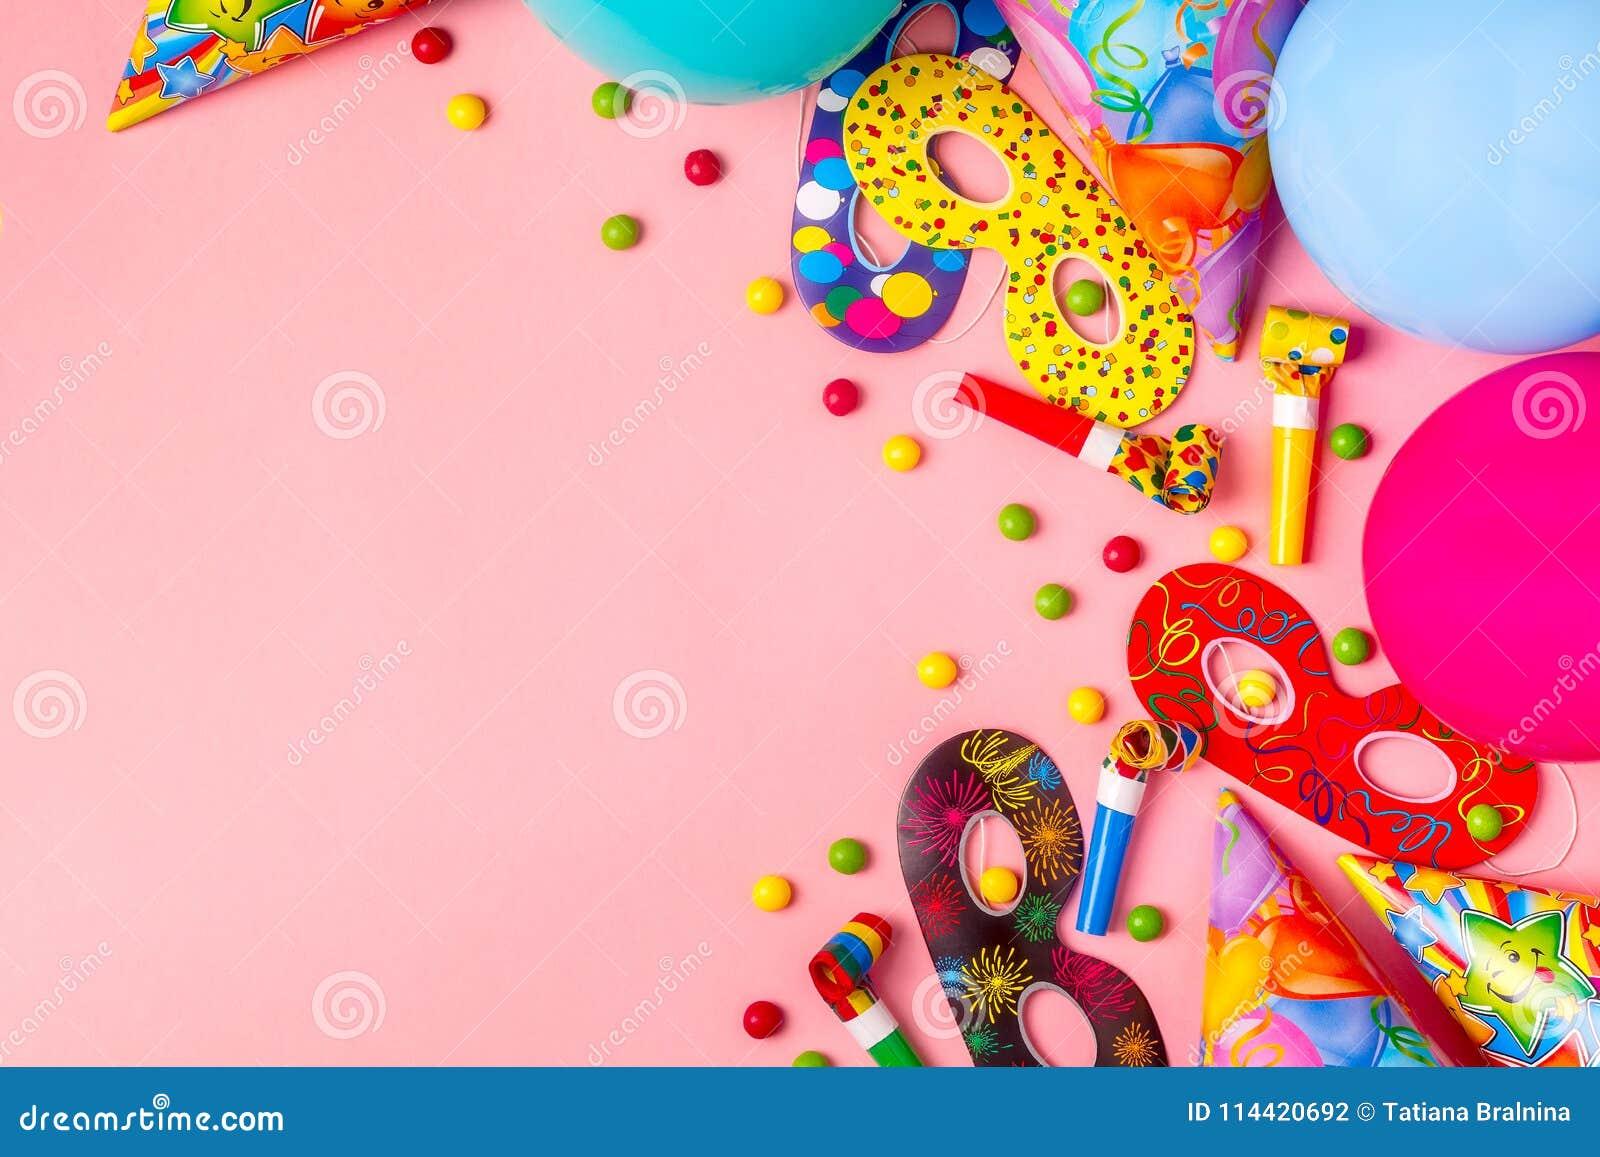 Heller Dekor für einen Geburtstag, eine Partei, ein Festival oder einen Karneval